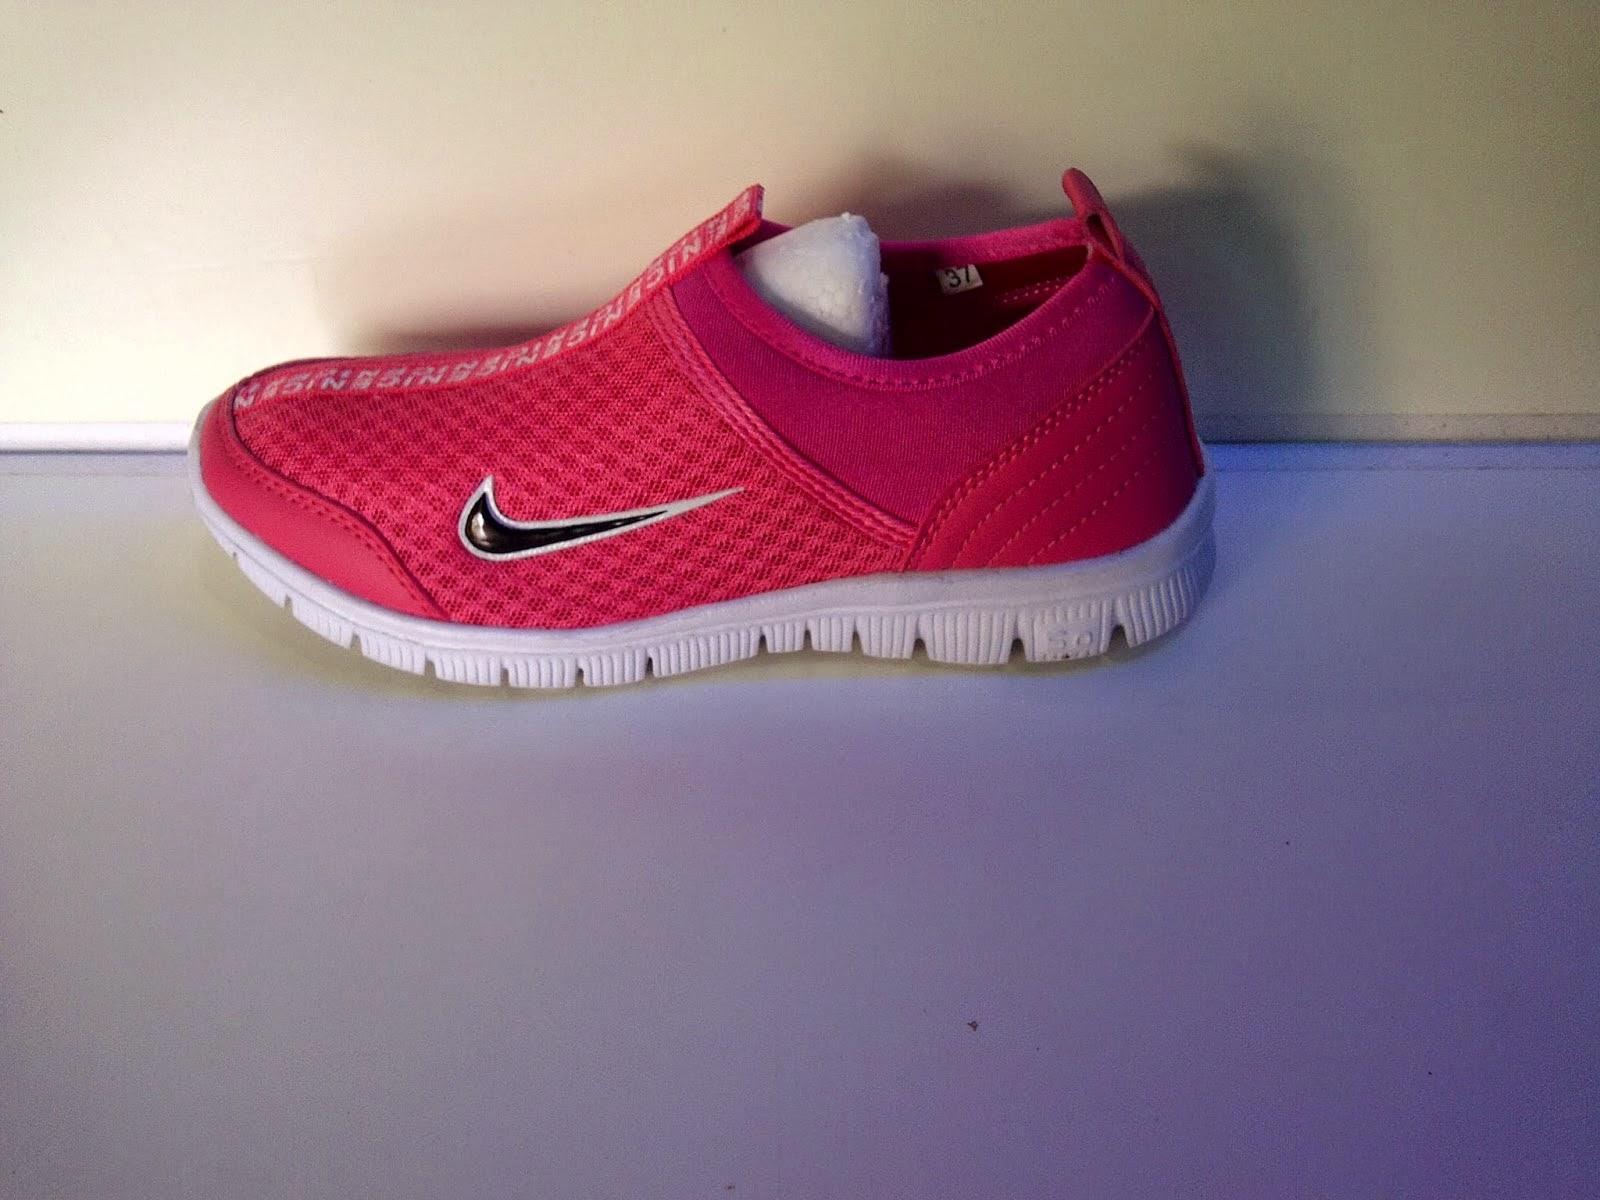 Sepatu  Nike Slop Women, Jual  Nike Slop Women, Beli  Nike Slop Women,  Nike Slop Women terbaru,  Nike Slop Women terbaru 2014, Grosir  Nike Slop Women